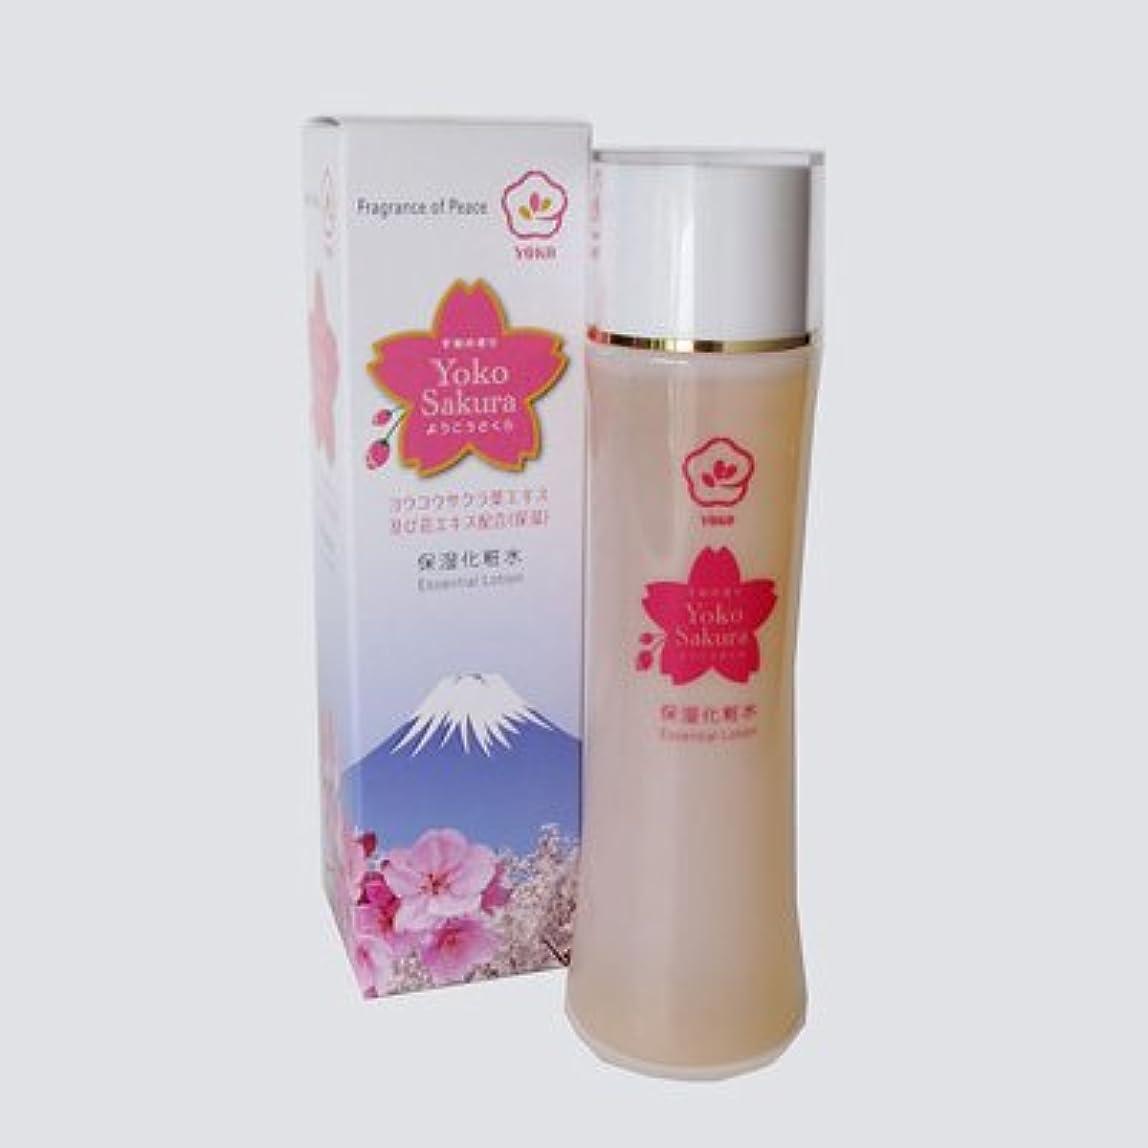 保証光の排気陽光ローション(保湿化粧水) 陽光桜のエキス配合の保湿化粧水。敏感肌の方にもどうぞ